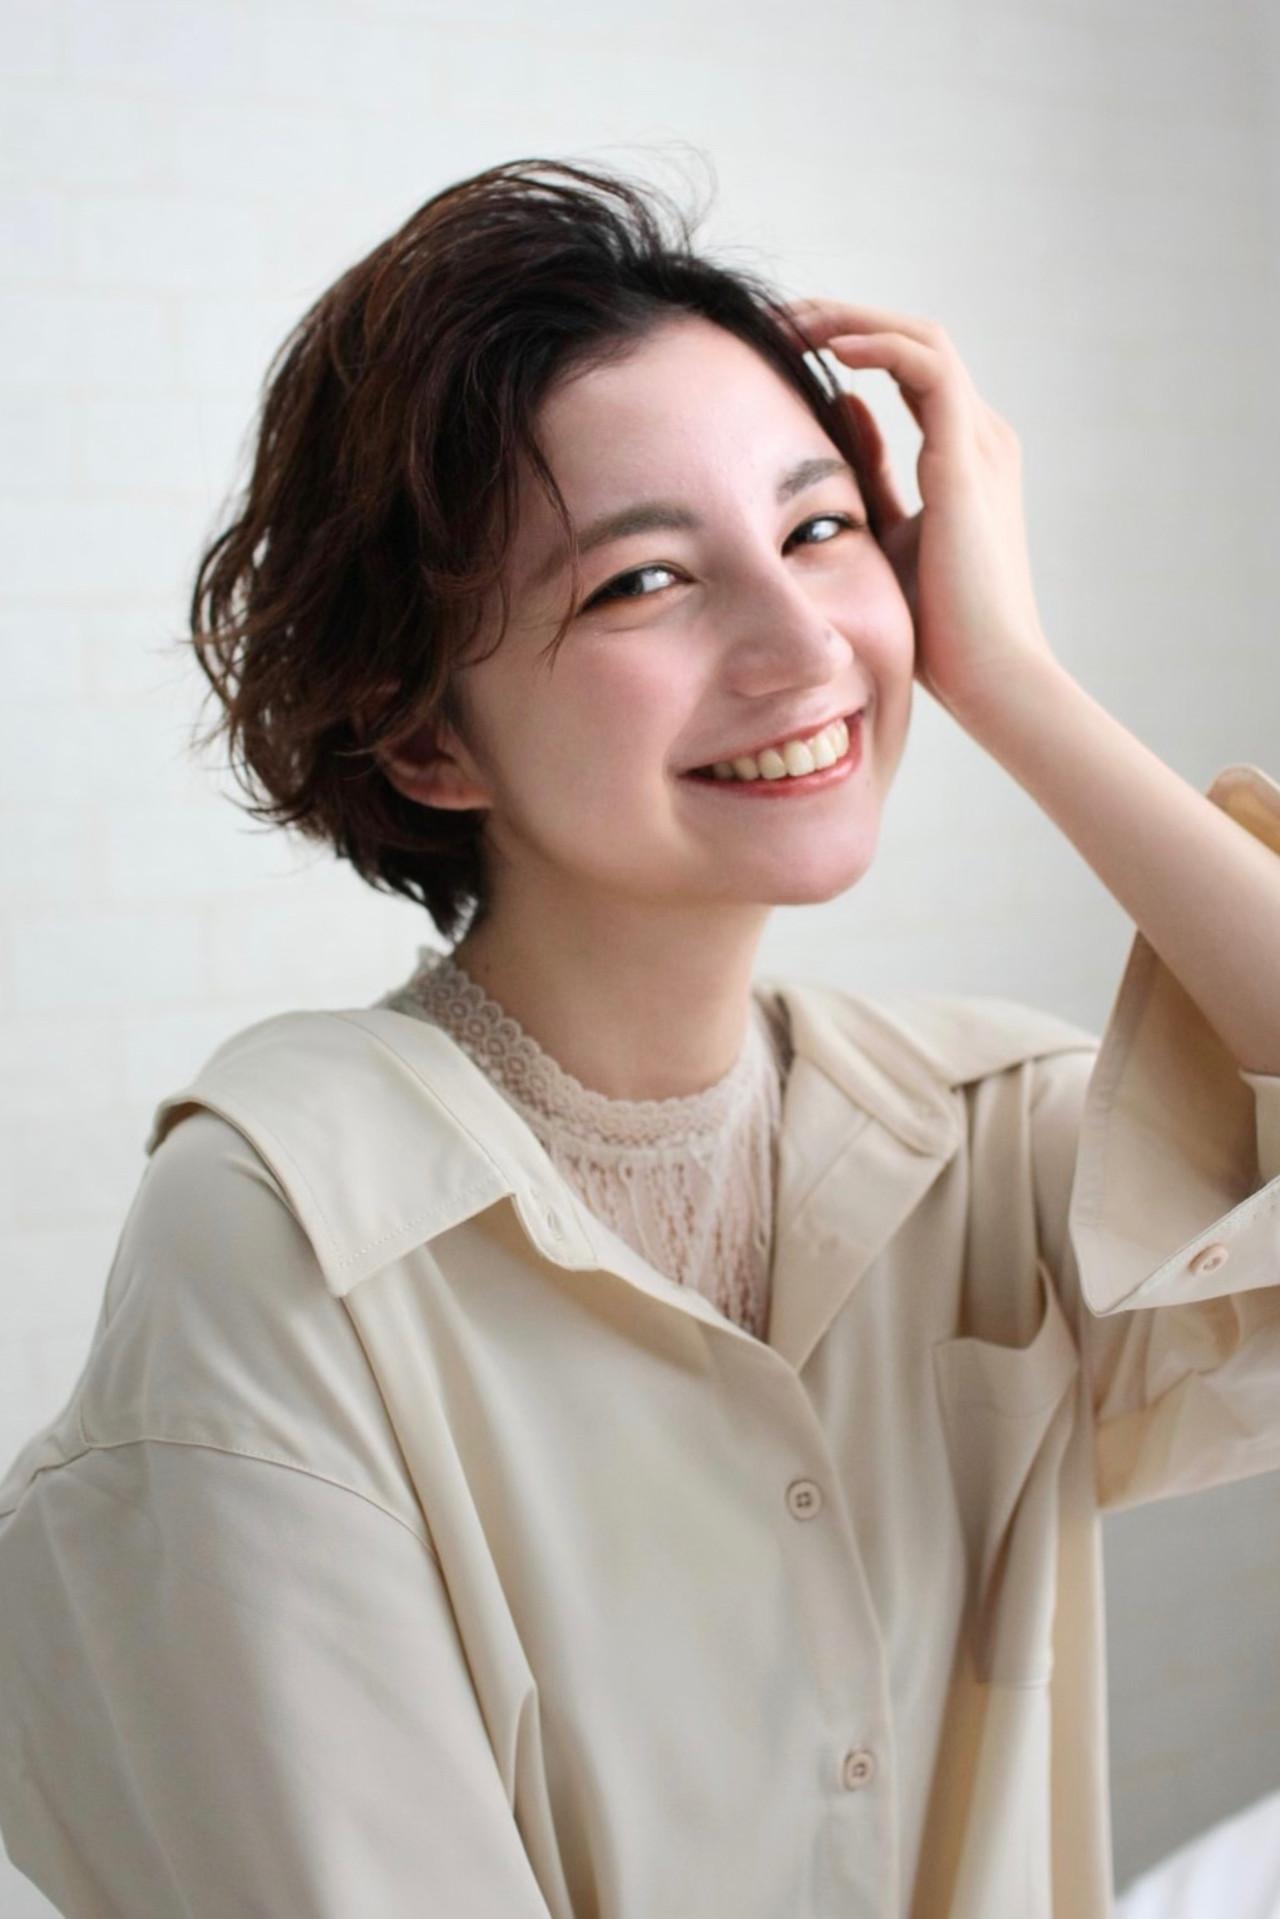 ショート パーマ 大人かわいい ショートヘア ヘアスタイルや髪型の写真・画像 | Mirai / enntaku